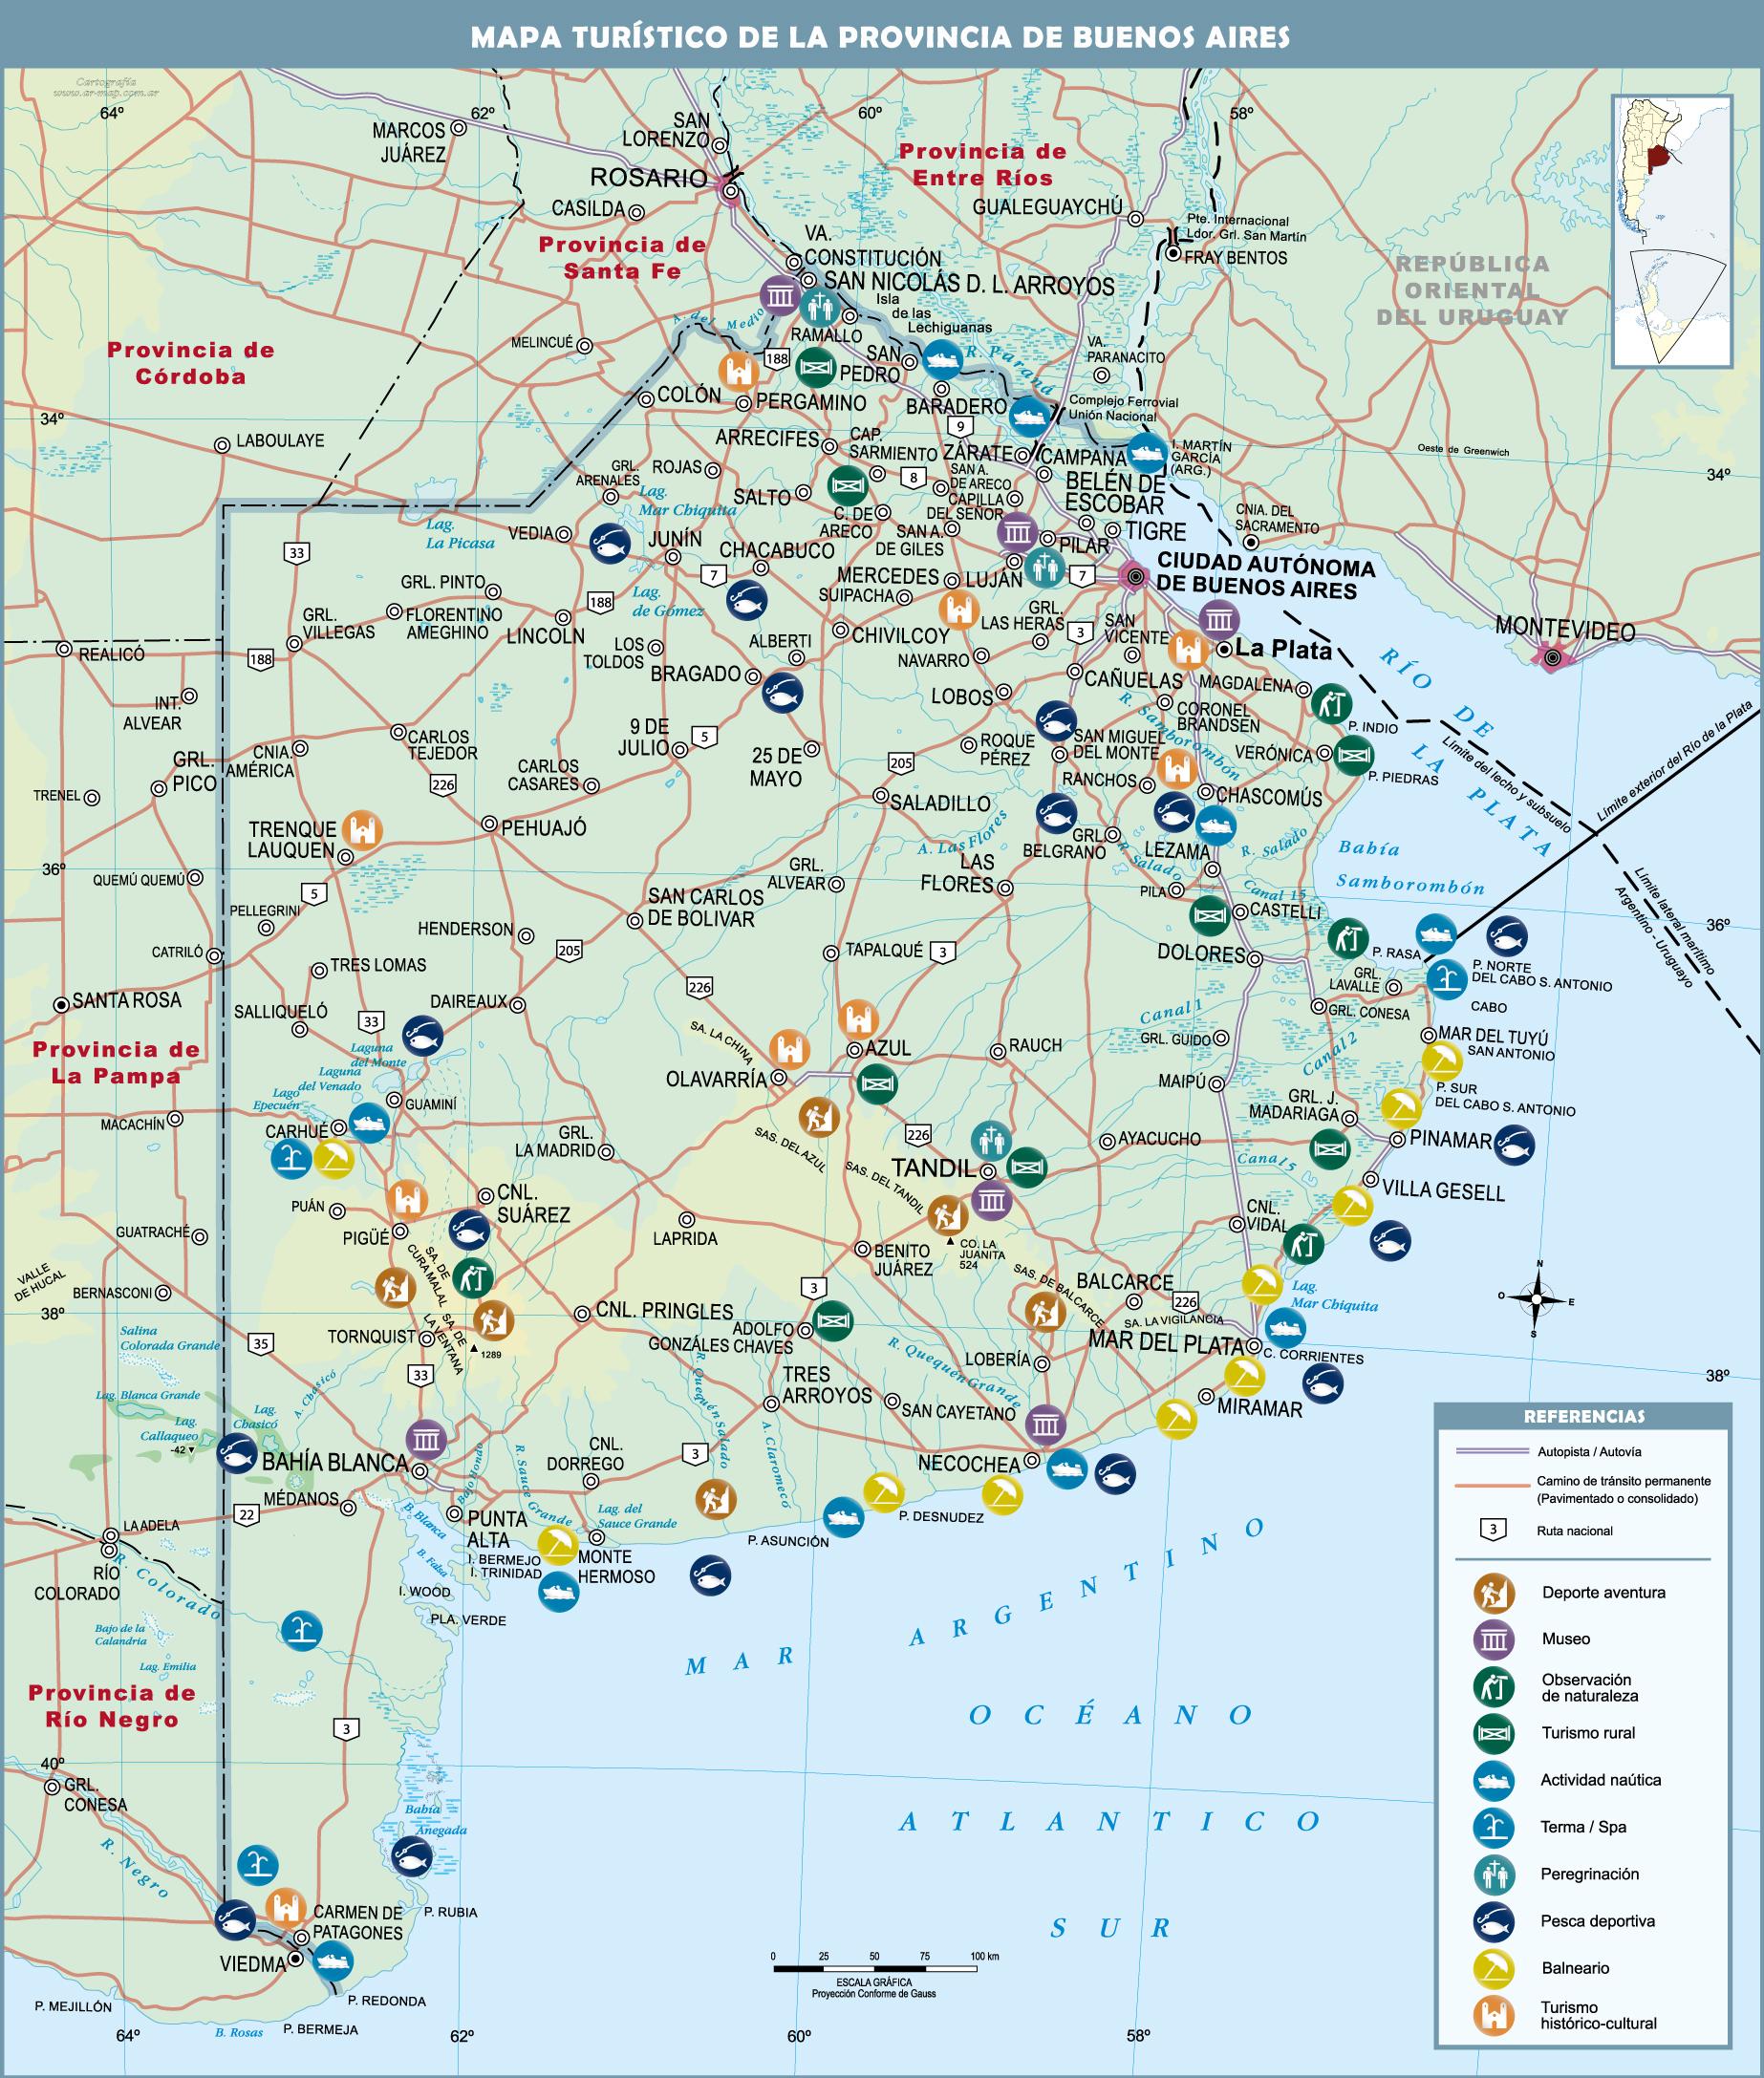 Mapa de buenos aires turistico